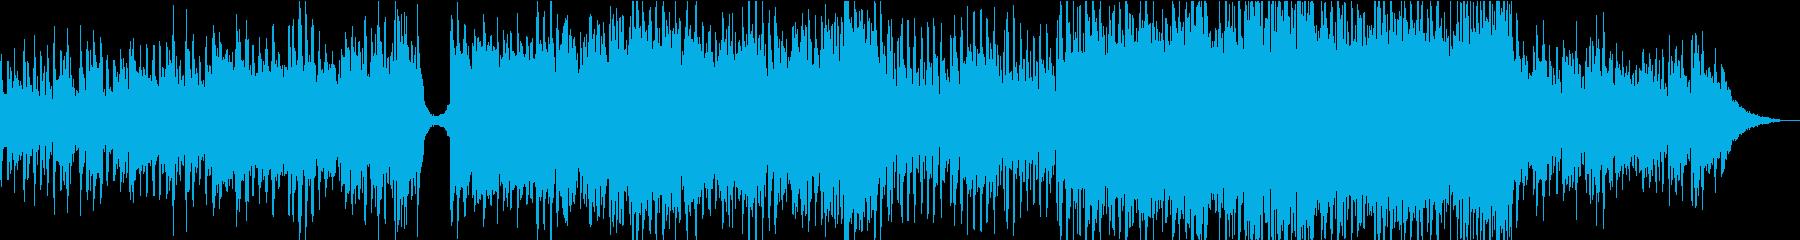 現代の交響曲 企業イメージ 厳So...の再生済みの波形